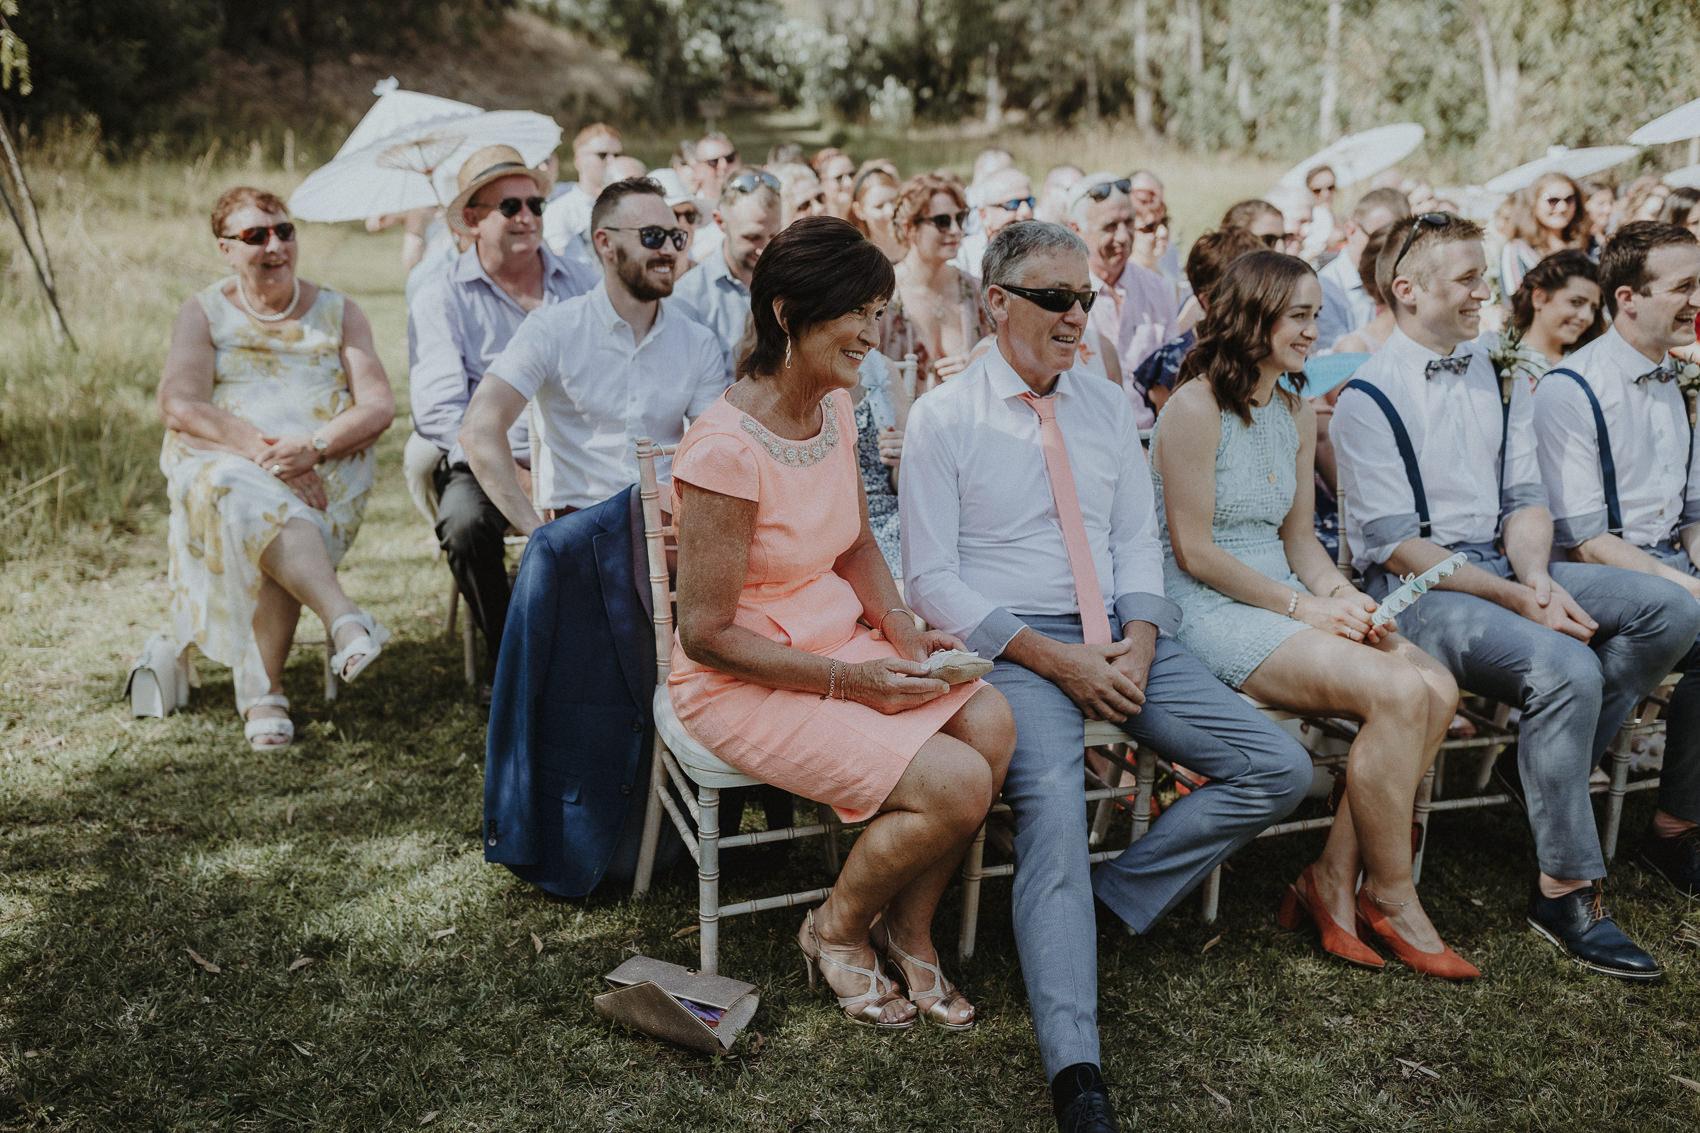 Sarah & Bill | Summer wedding at Cortijo Rosa Blanca | Marbella - Spain 73